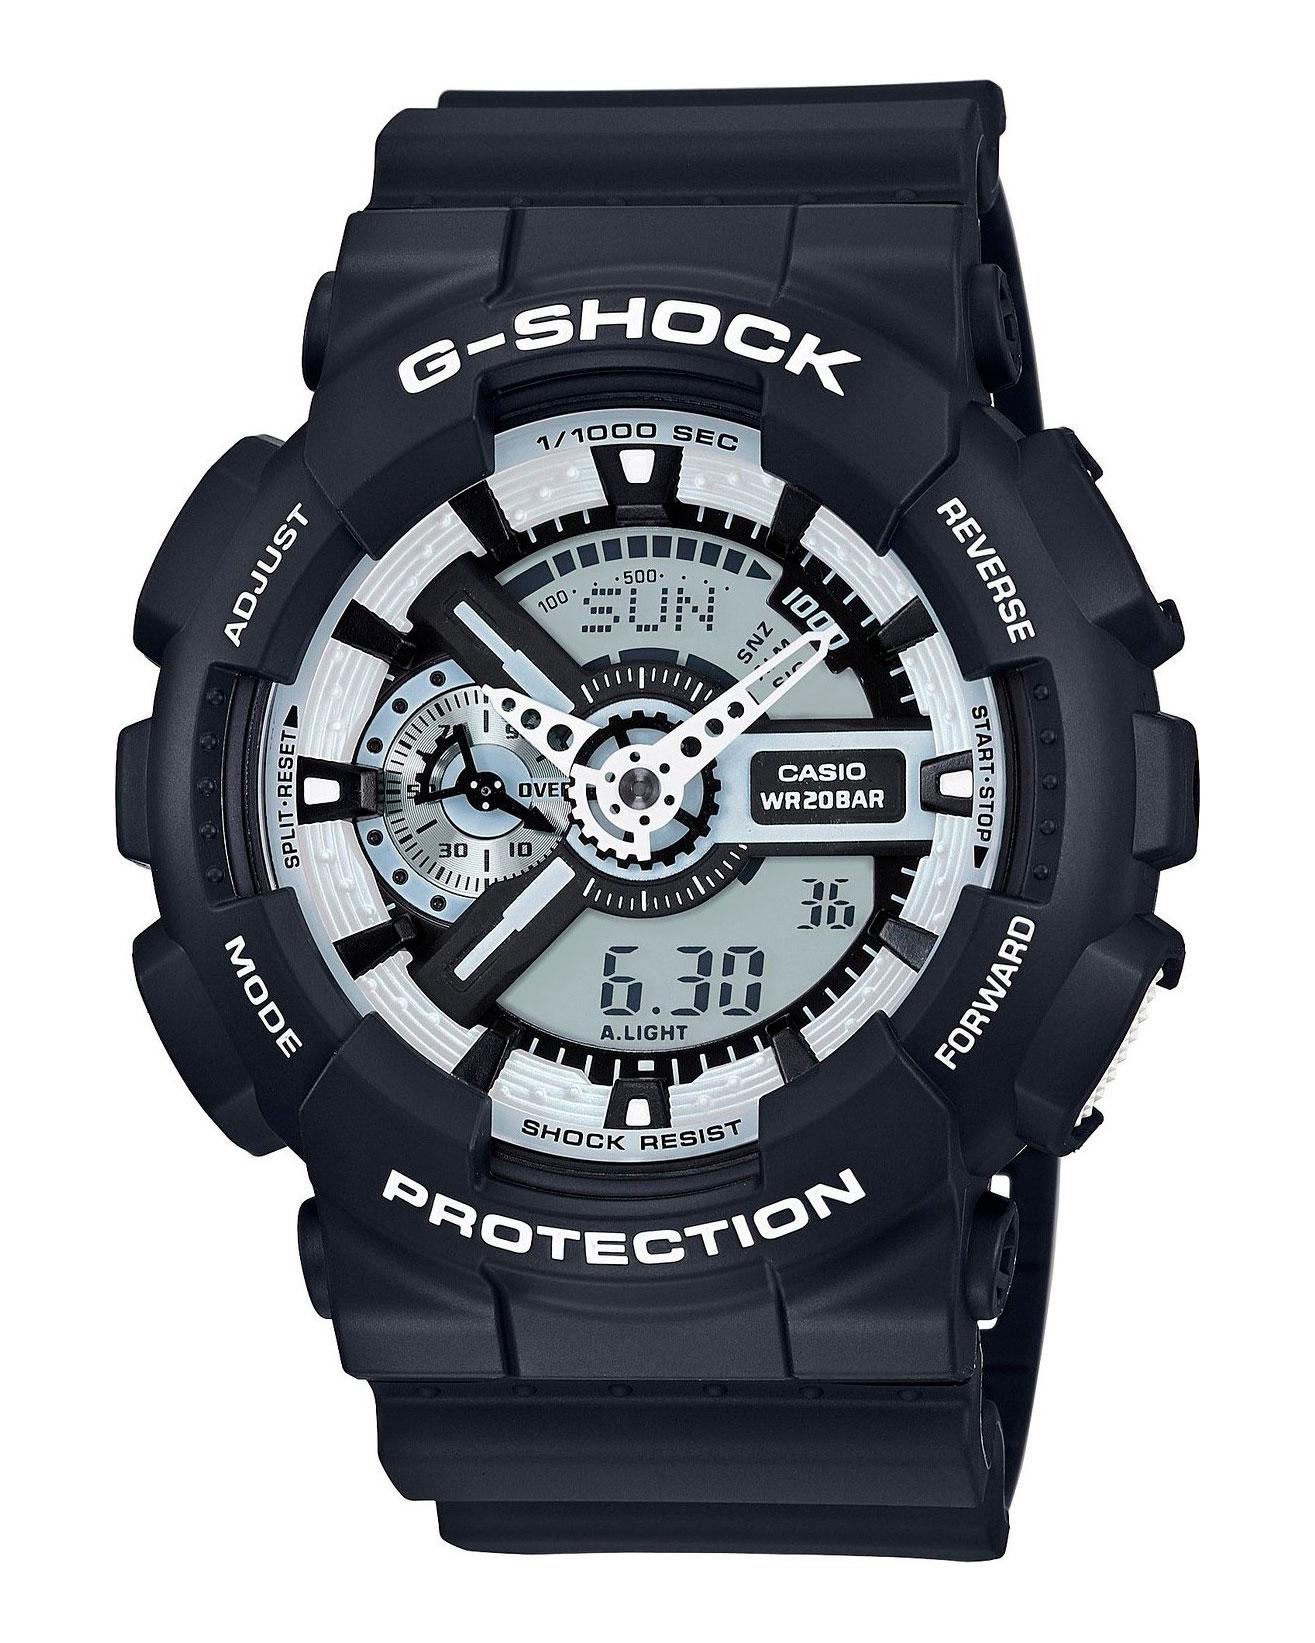 Часы наручные мужские Casio G-Shock, цвет: черный, белый. GA-110BW-1AGA-110BW-1AМногофункциональные мужские часы Casio G-Shock, выполнены из минерального стекла, металлического сплава и полимерного материала. Корпус часов оформлен символикой бренда. Часы оснащены ударопрочным корпусом с электронно-механическим механизмом, имеют степень влагозащиты равную 20 atm, а также дополнены устойчивым к царапинам минеральным стеклом. Браслет часов оснащен застежкой-пряжкой, которая позволит с легкостью снимать и надевать изделие. Корпус часов дополнен мощной светодиодной подсветкой. Дополнительные функции: таймер, будильник, функция повтора будильника, секундомер, функция мирового времени, автоматический календарь, отображение времени в 12-часовом или 24-часовом формате, функция отображения средней скорости пройденного маршрута. Часы поставляются в фирменной упаковке. Многофункциональные часы Casio G-Shock подчеркнут отменное чувство стиля своего обладателя.